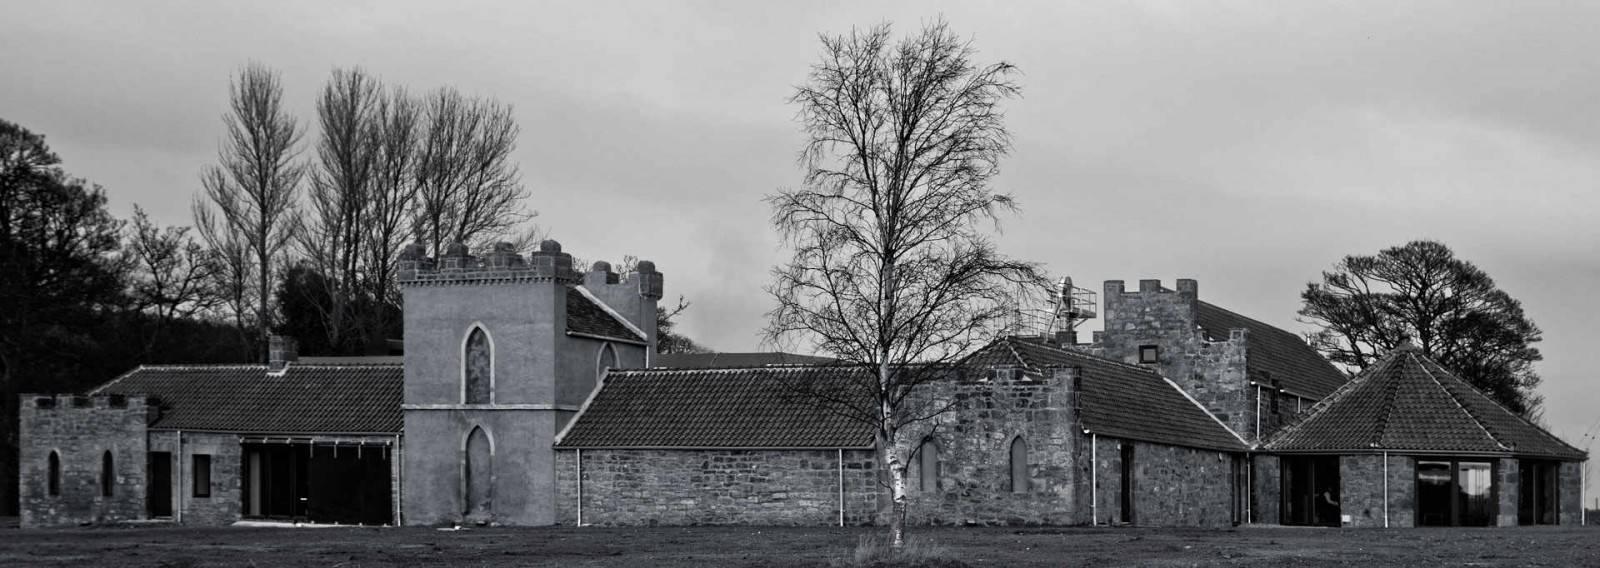 Kingsbarns Distillery: Ansicht von der Zufahrt